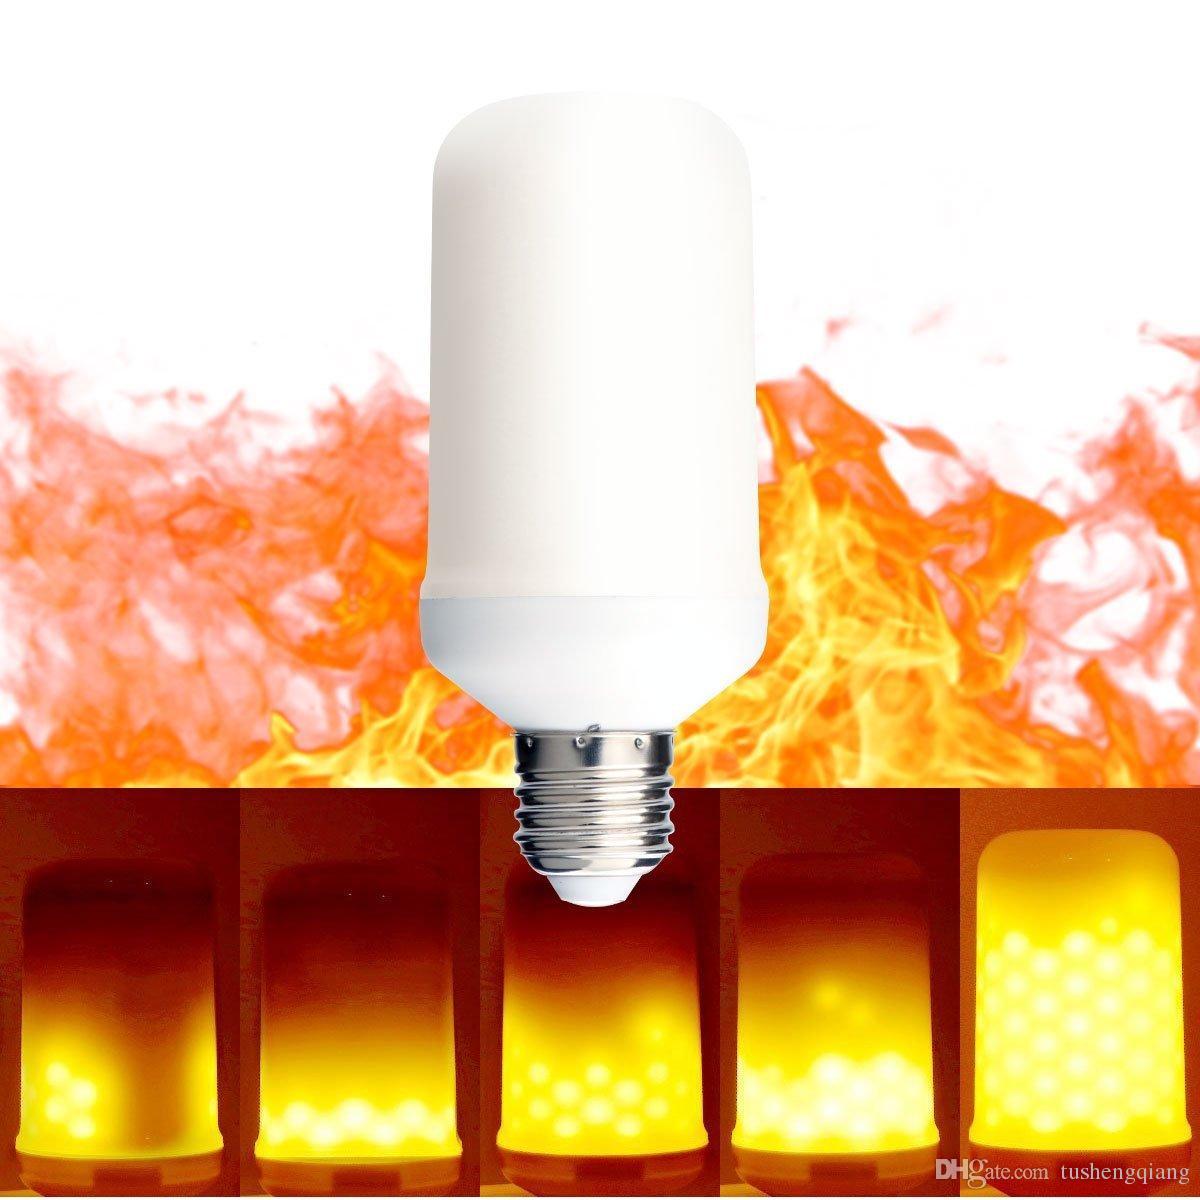 5w Feu Vintage Pour Décorative Atmosphère Outdoor Garden Ampoules Clignote Simulé Light E27 Nature Incendie Émulation Led Flame Lampe Gaz 35ARL4j